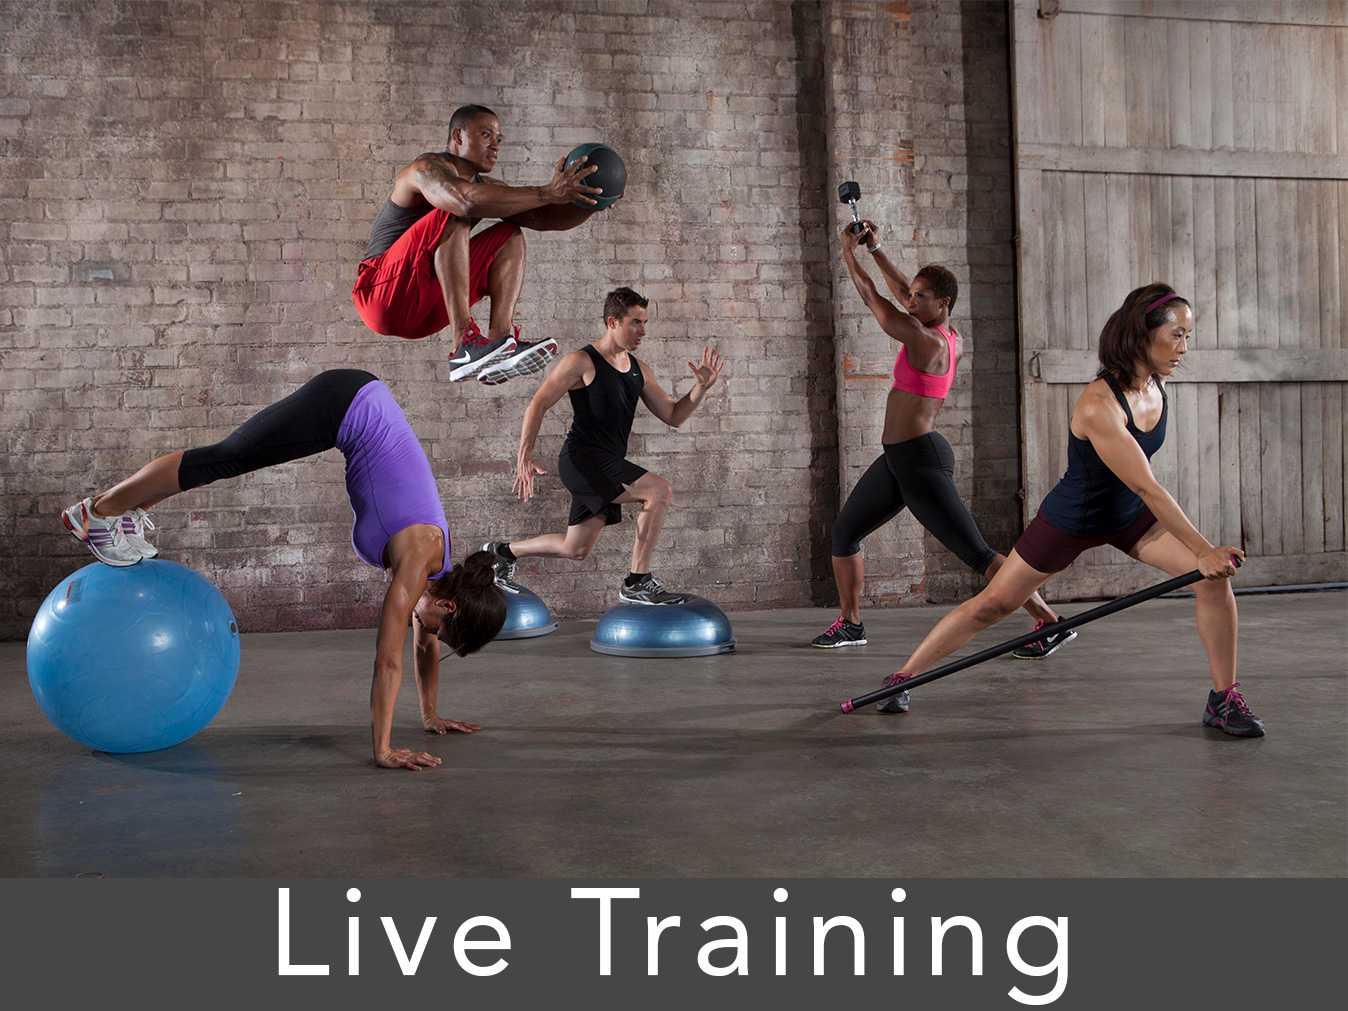 Тренировка: высокоинтенсивный тренинг от майка ментцера – зожник     тренировка: высокоинтенсивный тренинг от майка ментцера – зожник